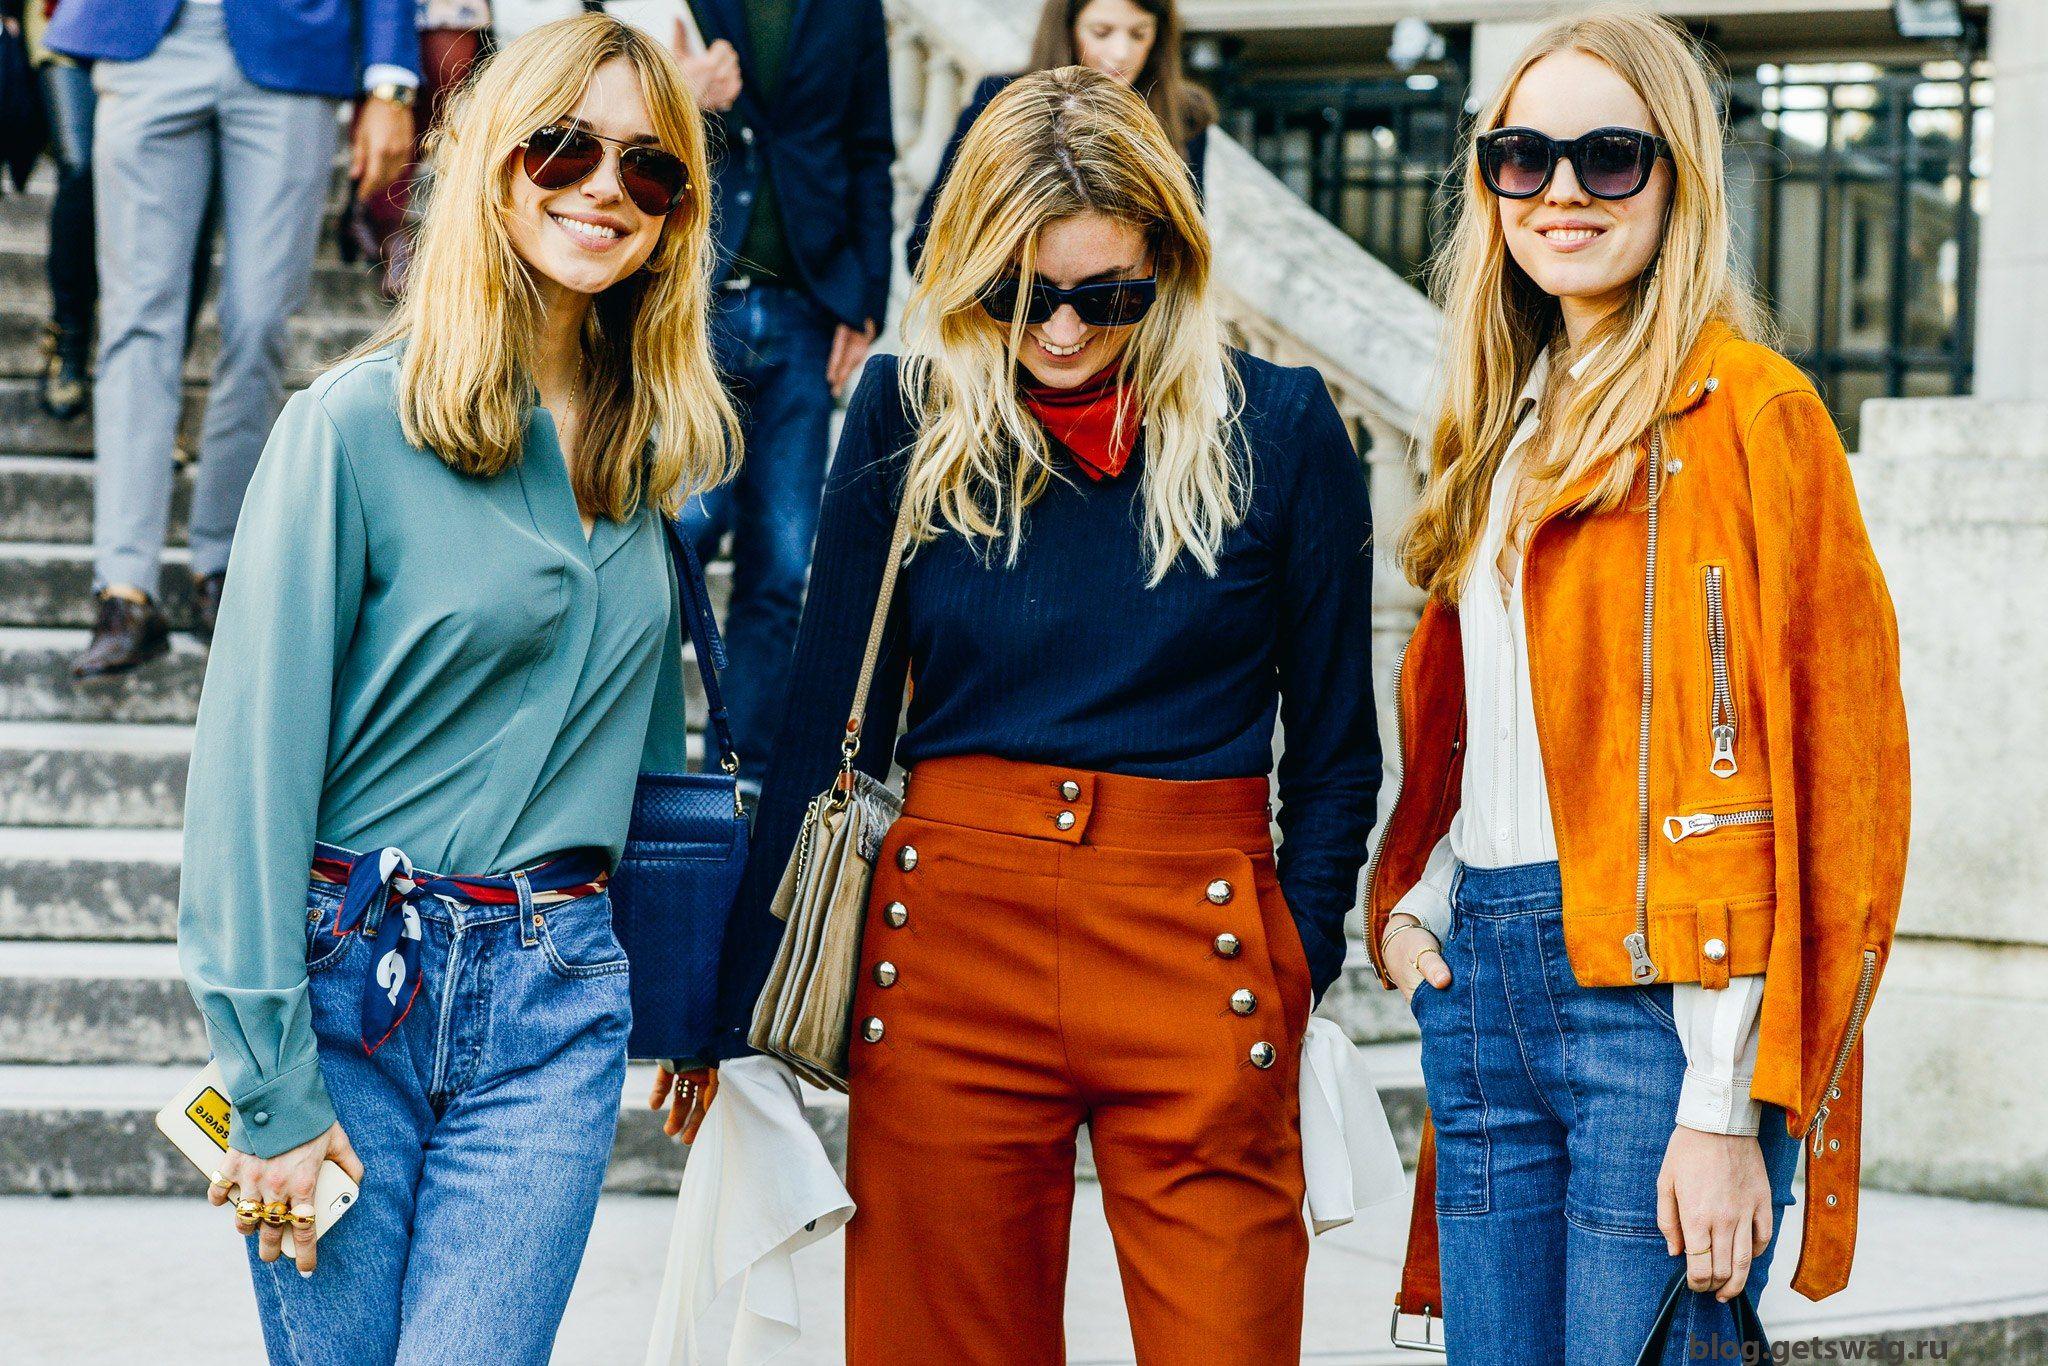 Модный стиль одежды хиппи